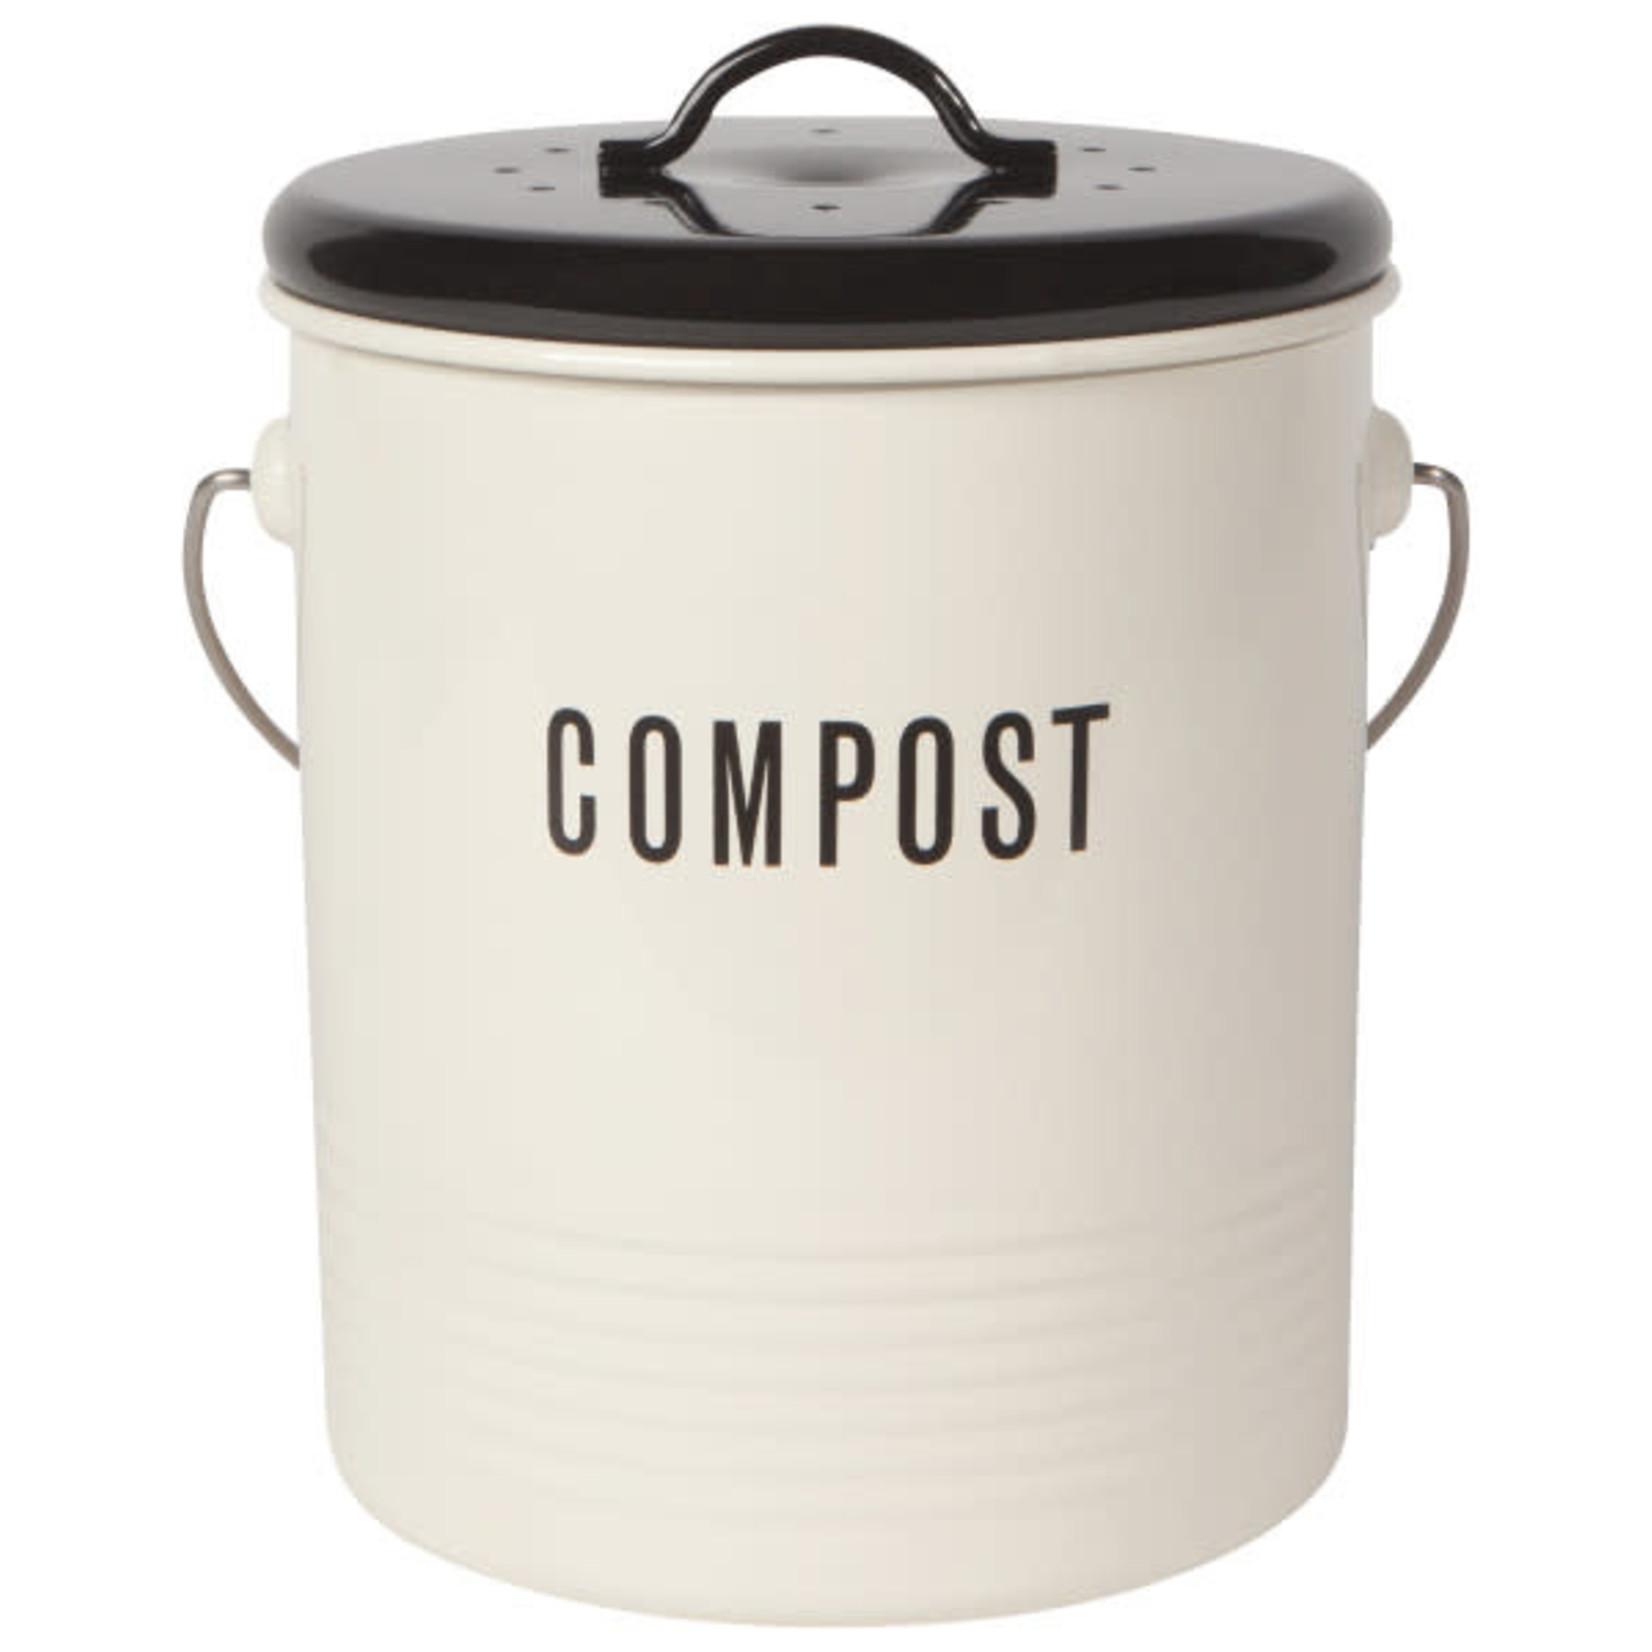 Compost Bin Vintage